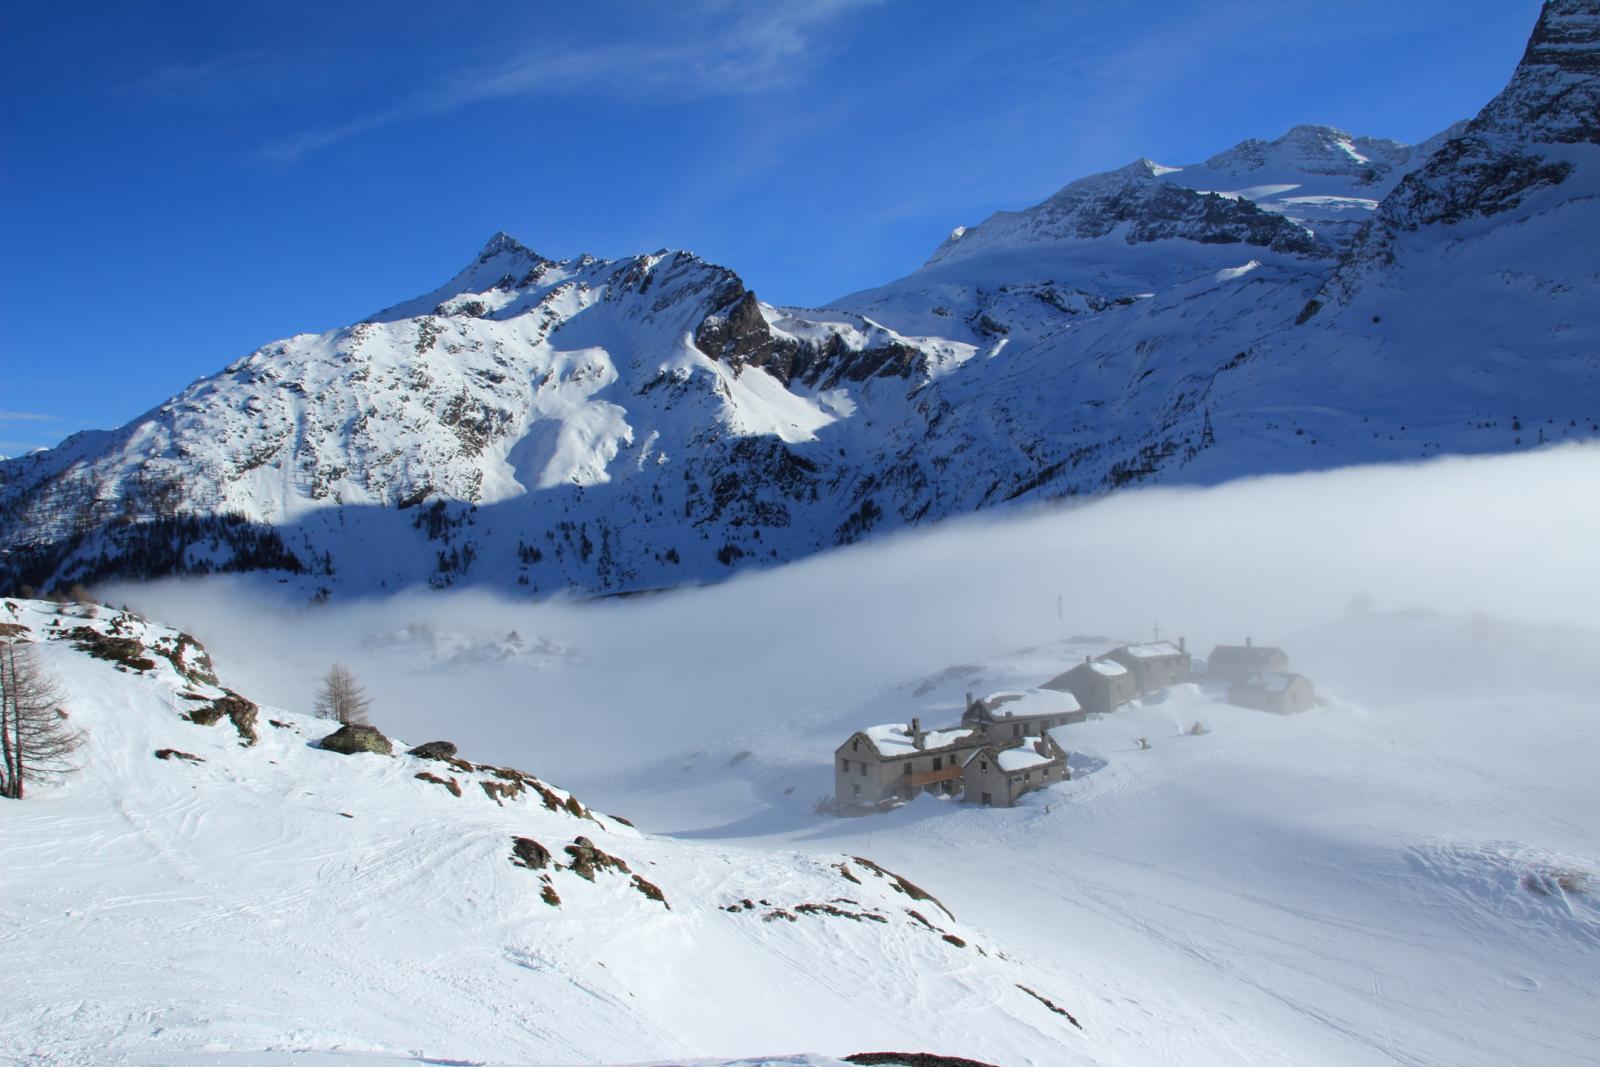 Hopsche, Wasenhorn e Gruppo del Monte Leone da quota 2150 m.